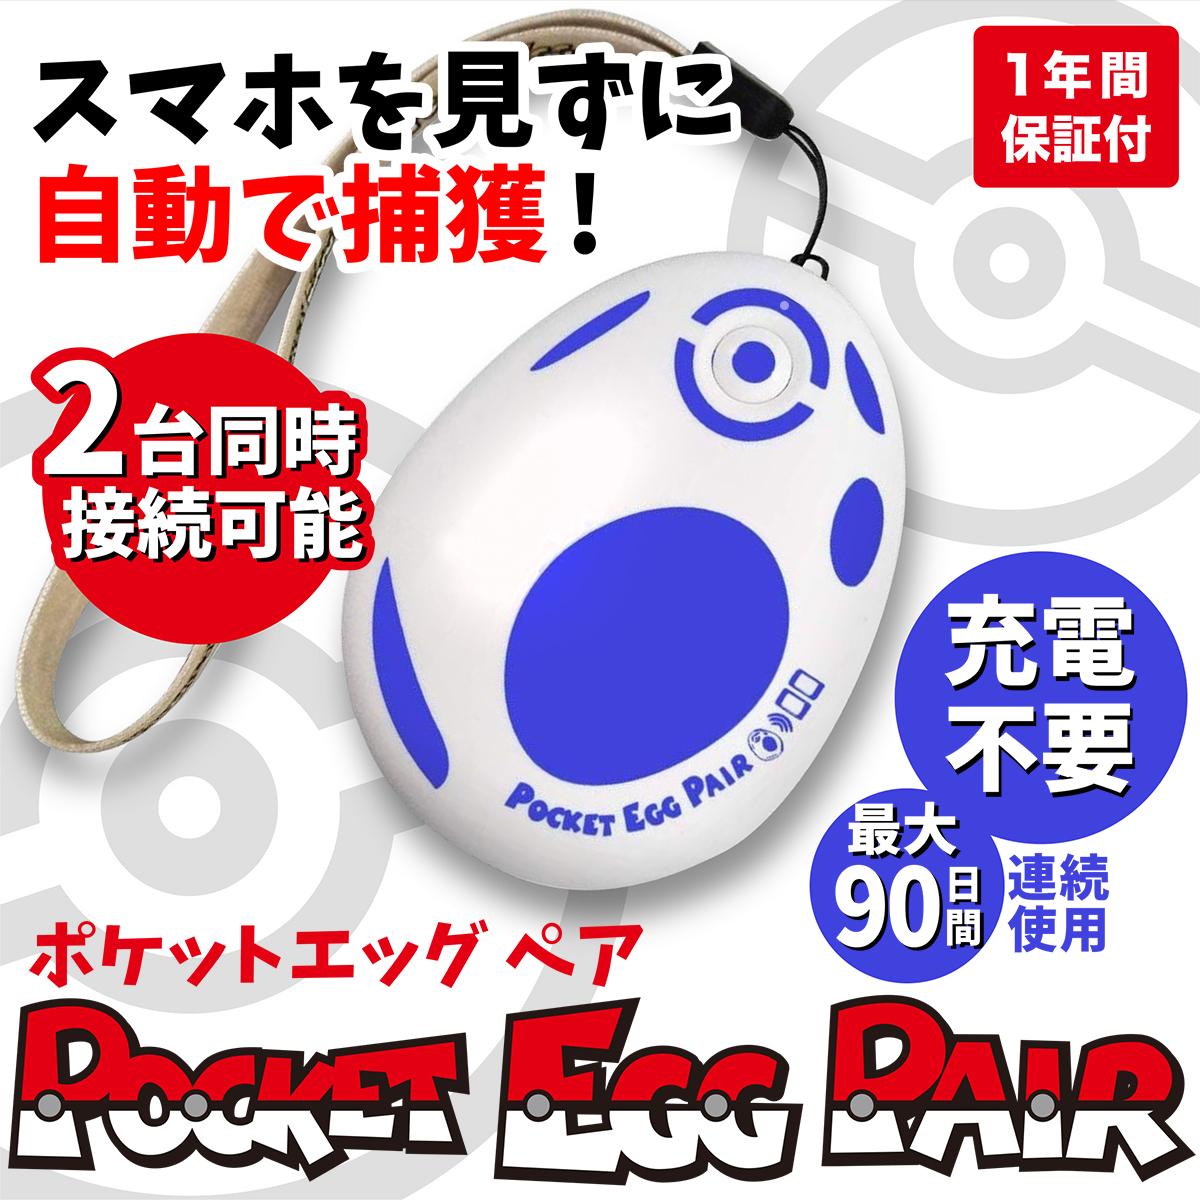 ポケモンGOの自動捕獲を2台同時に ポケモンGO ポケットオートキャッチ 全自動 Pocket 国内在庫 auto Go 自動化 catch 直輸入品激安 Plus egg Pokemon